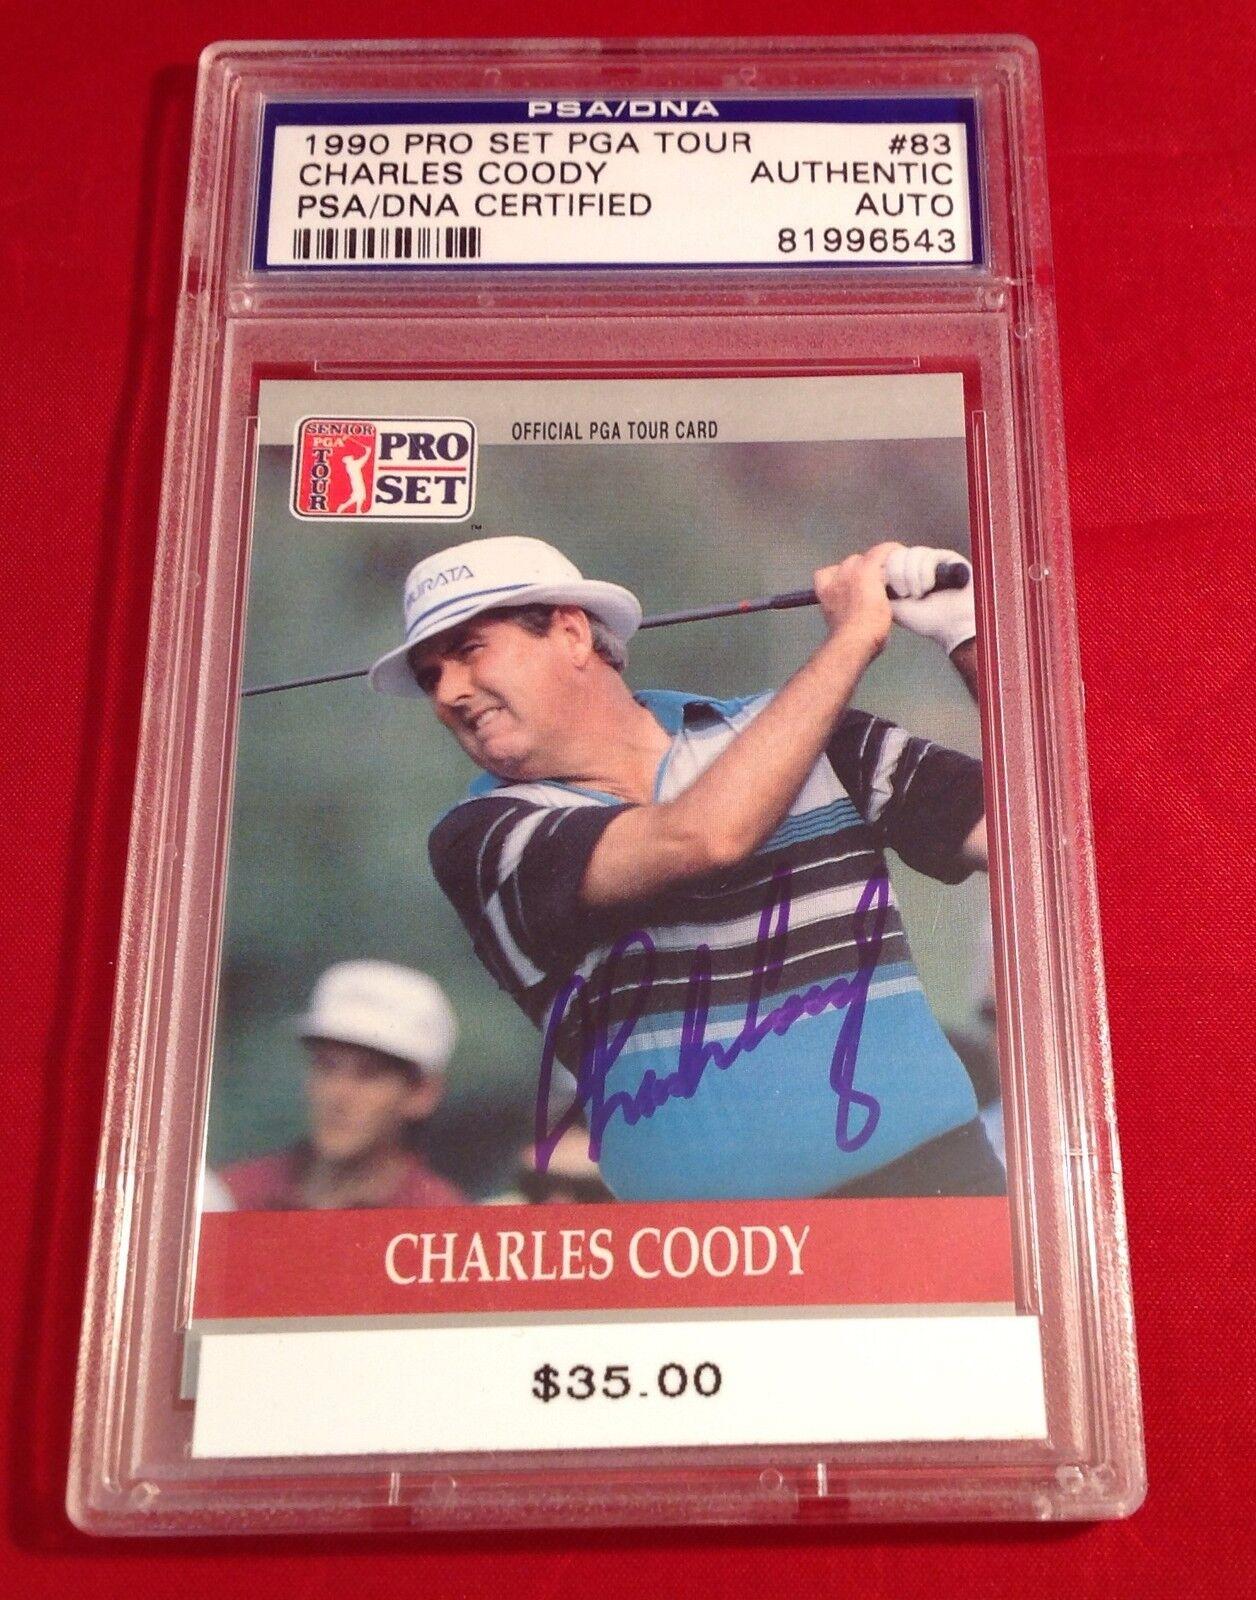 Charles Coody Signed 1990 Pro Set Card Slabbed PSA/DNA #81996543